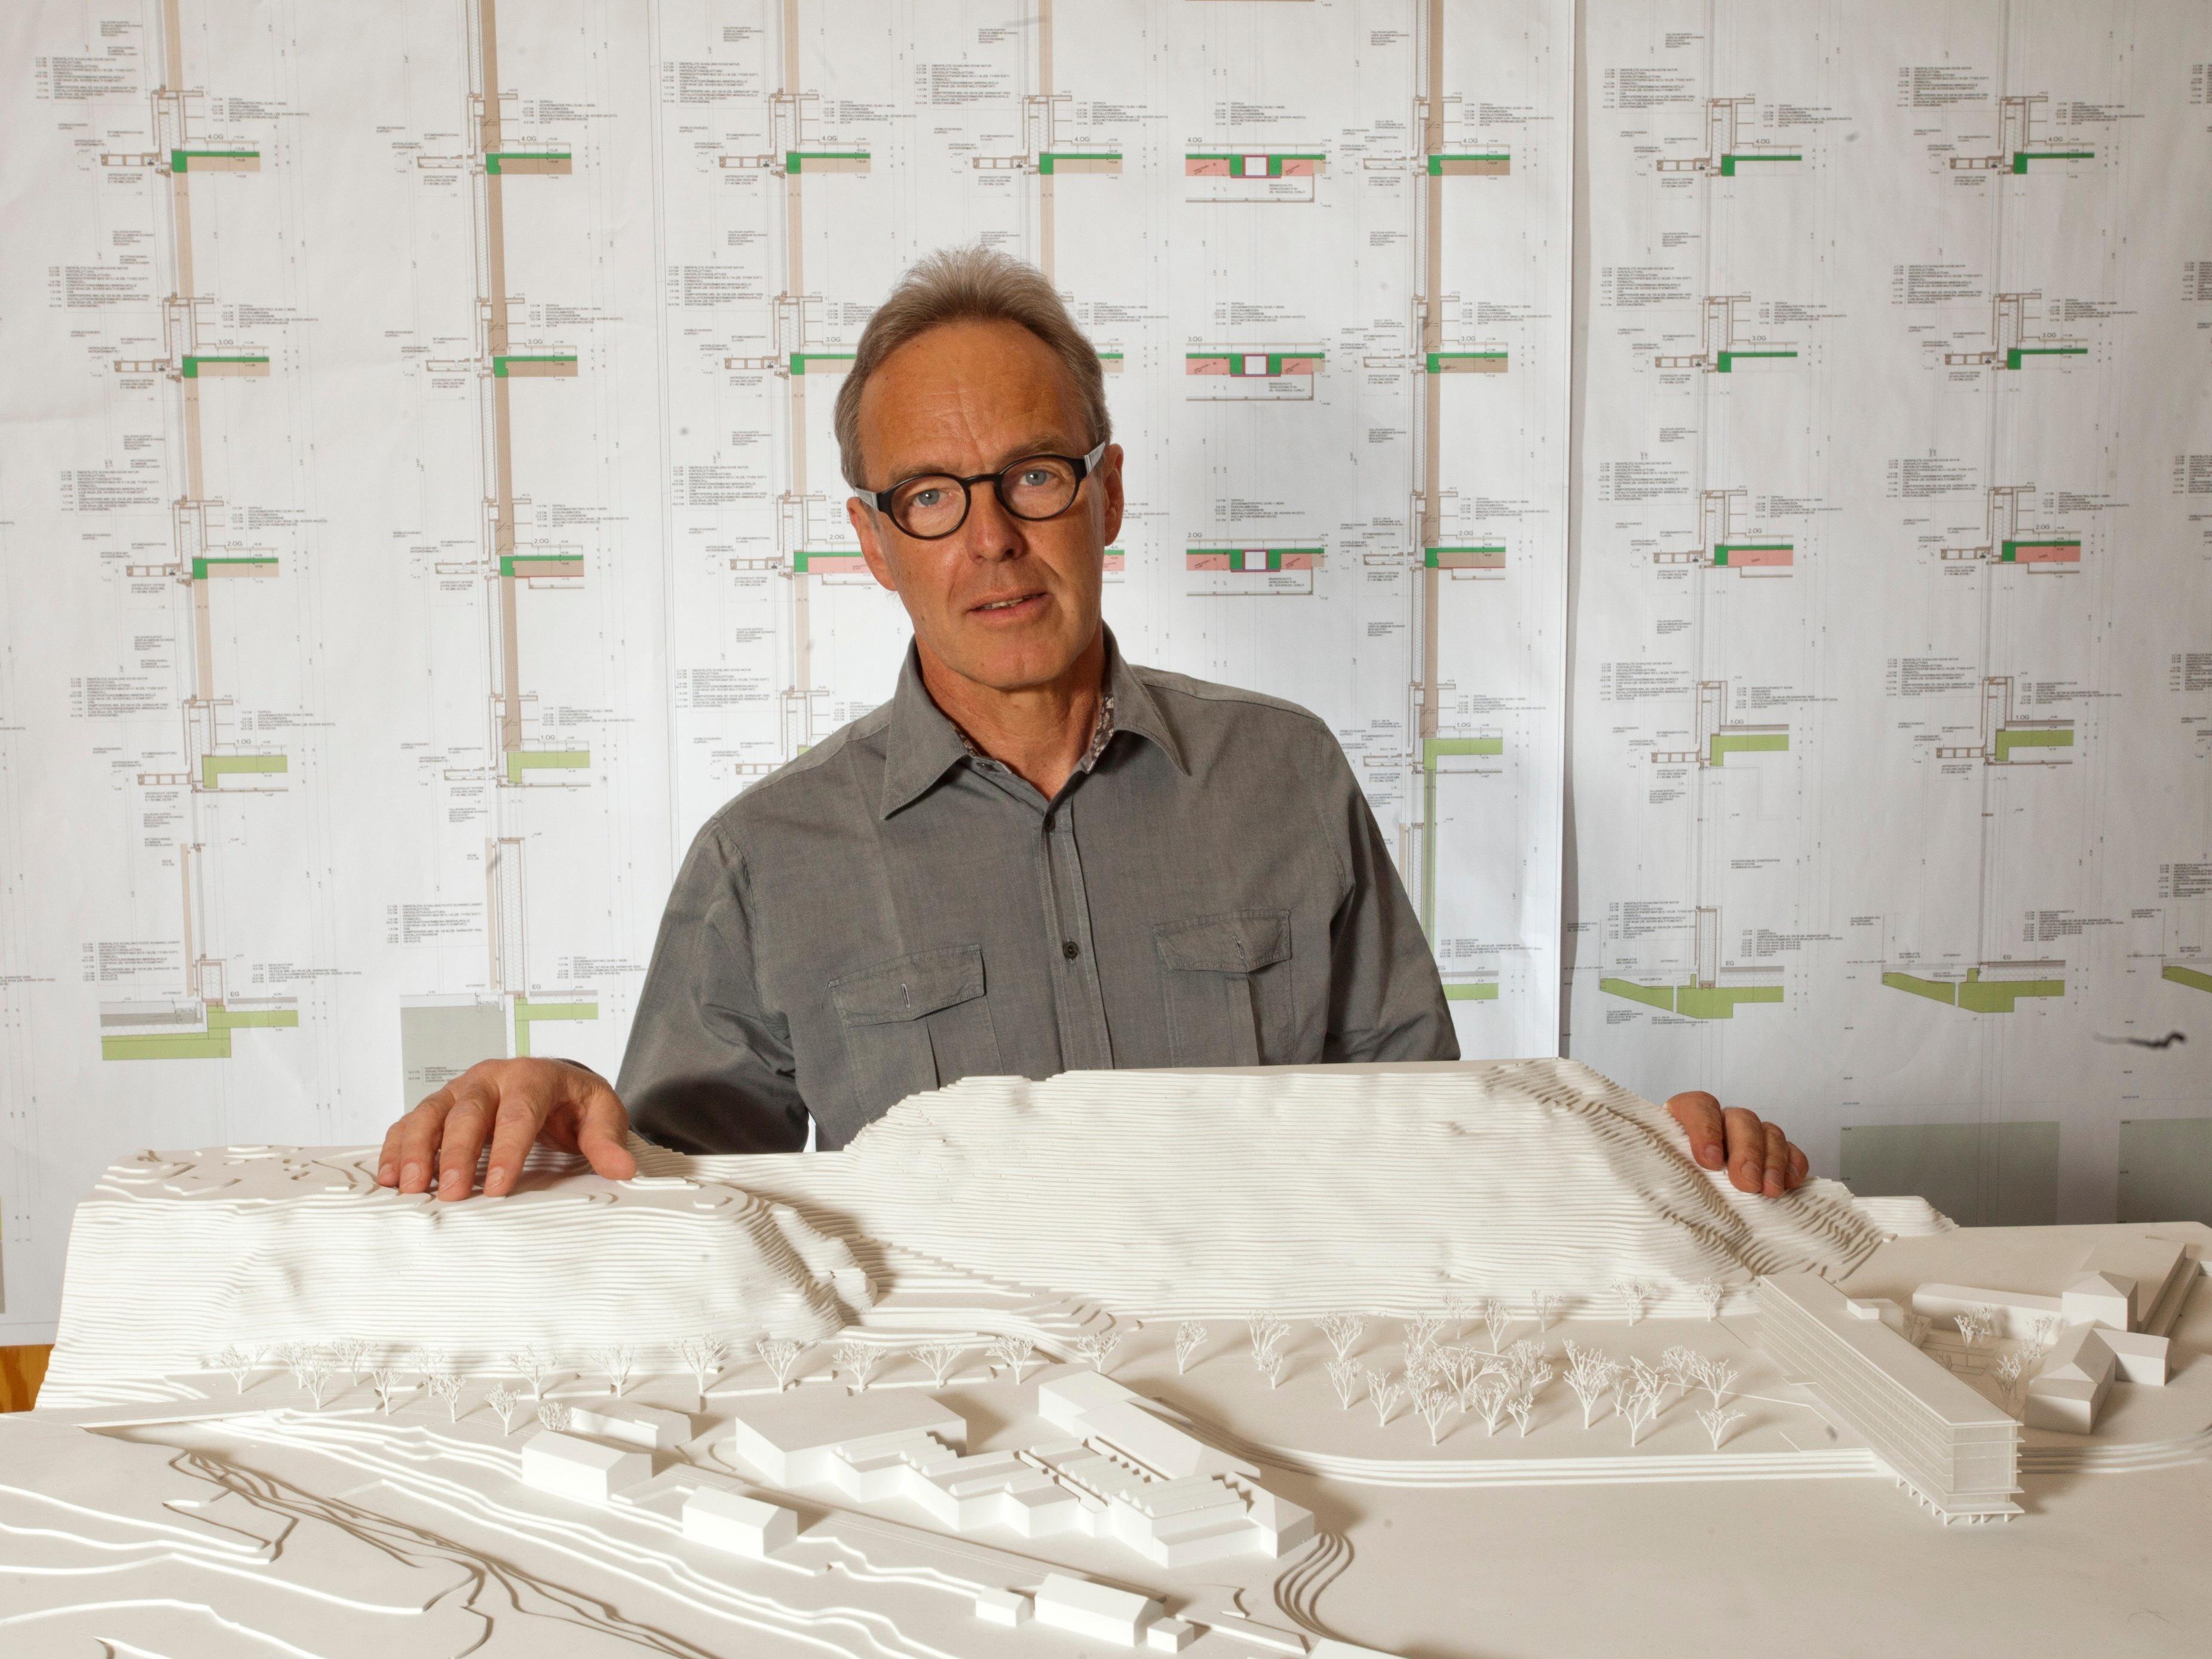 Der gebürtige Bregenzerwälder Hermann Kaufmann hat 2003 den Dr. Toni-Russ-Preis erhalten.